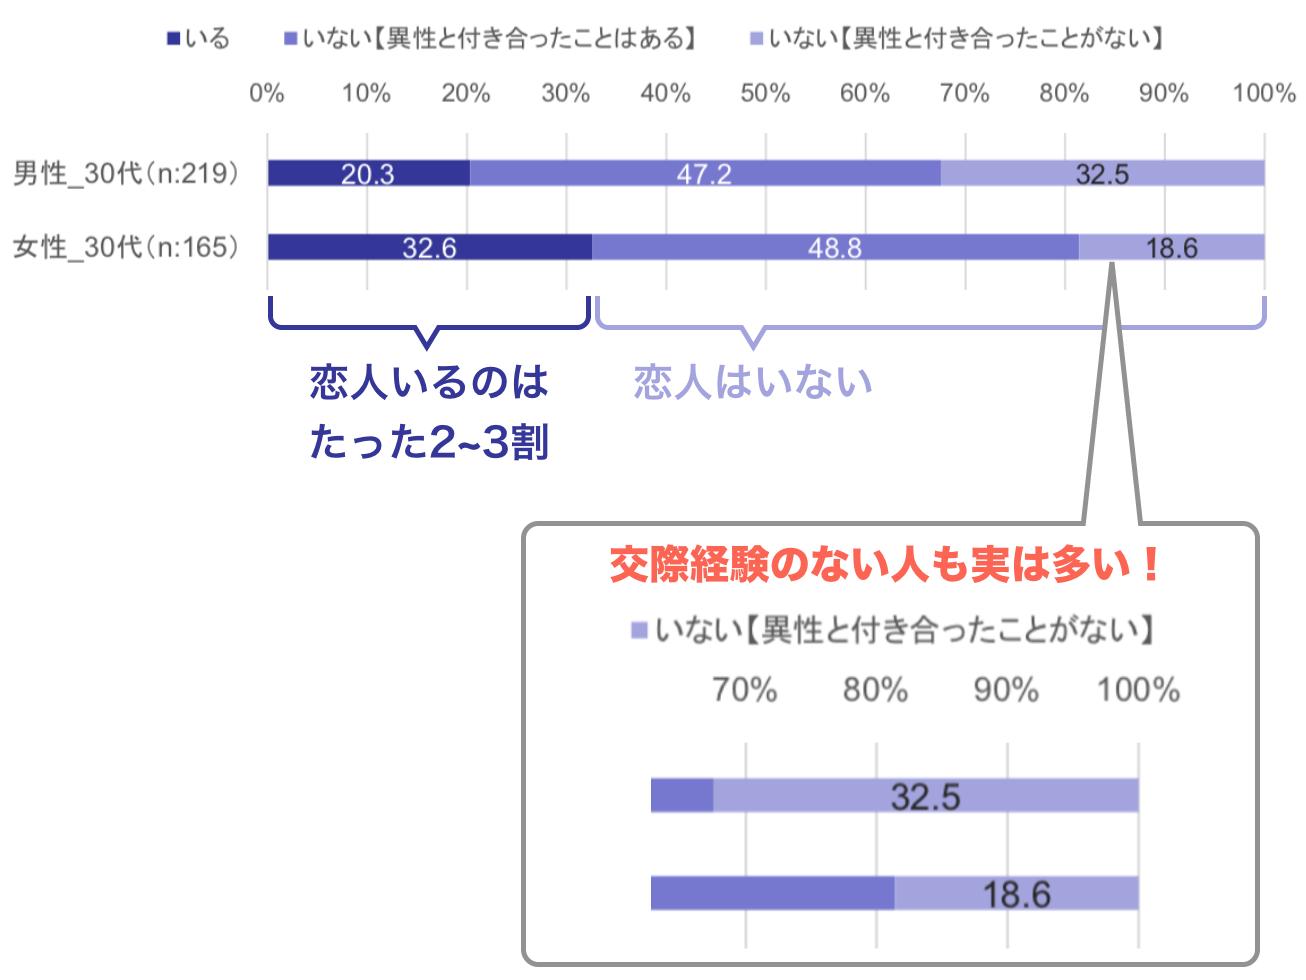 リクルート・ブライダル総研『恋愛・婚活・結婚調査2015』